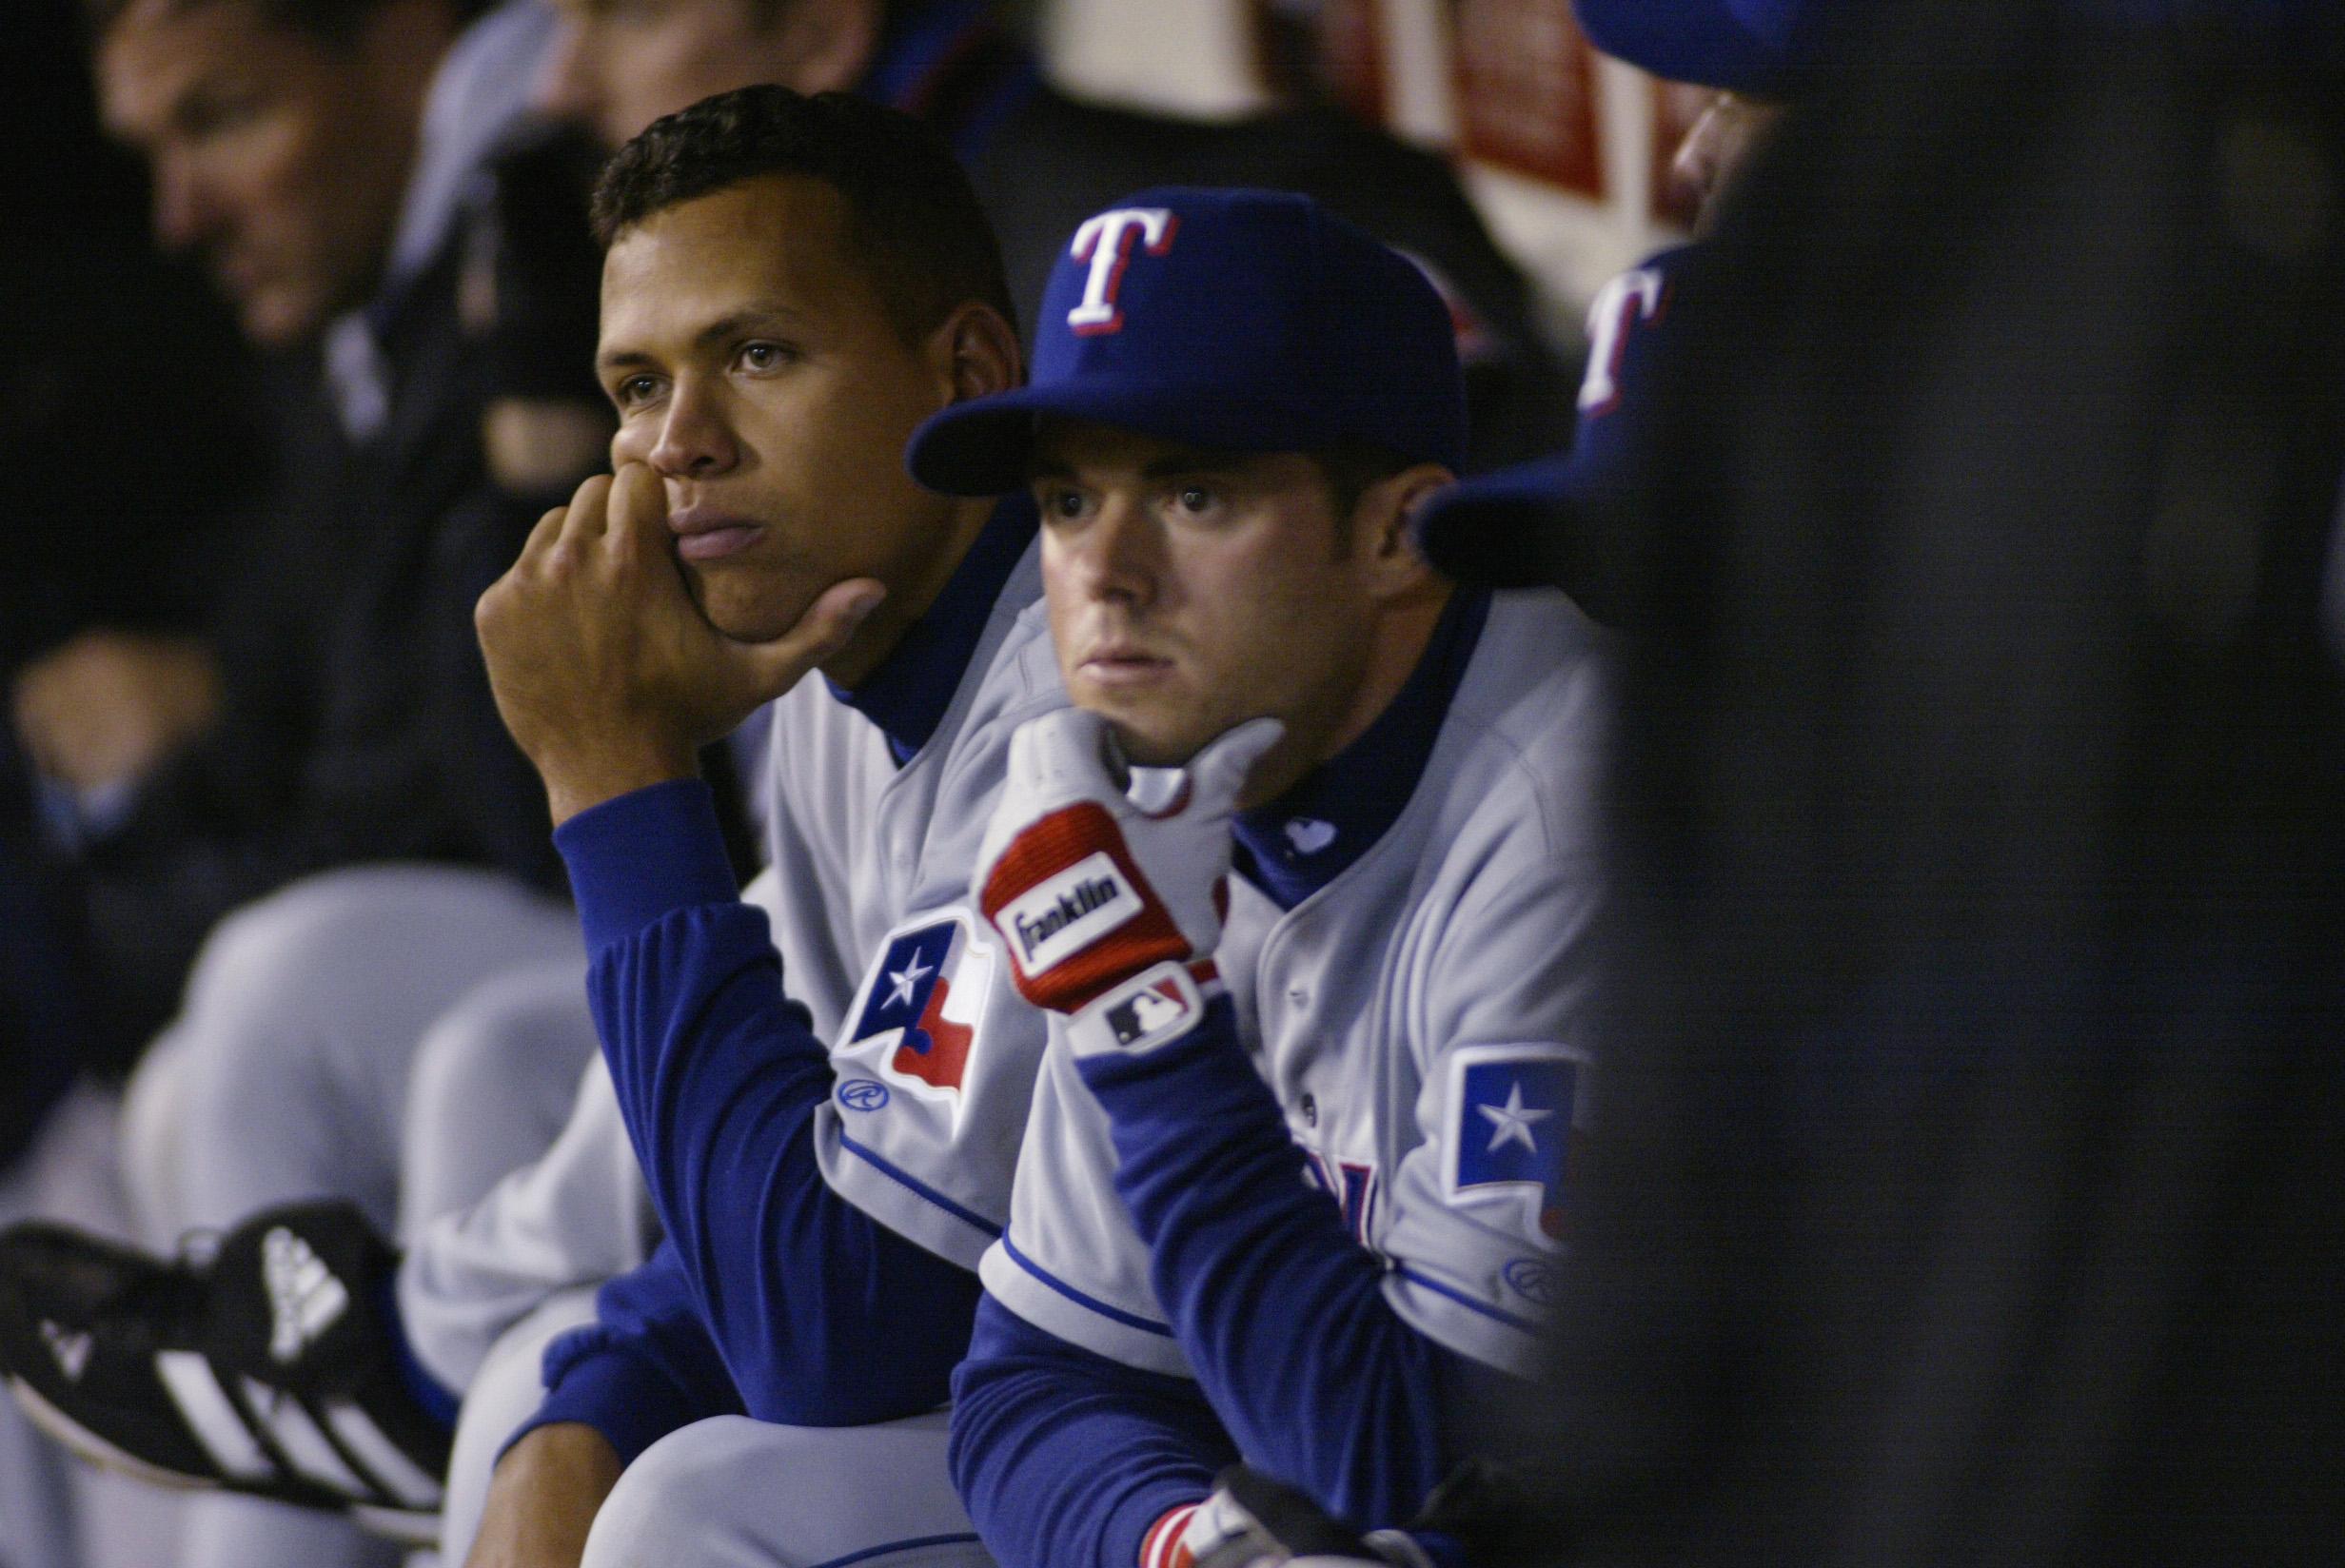 Rangers v A's